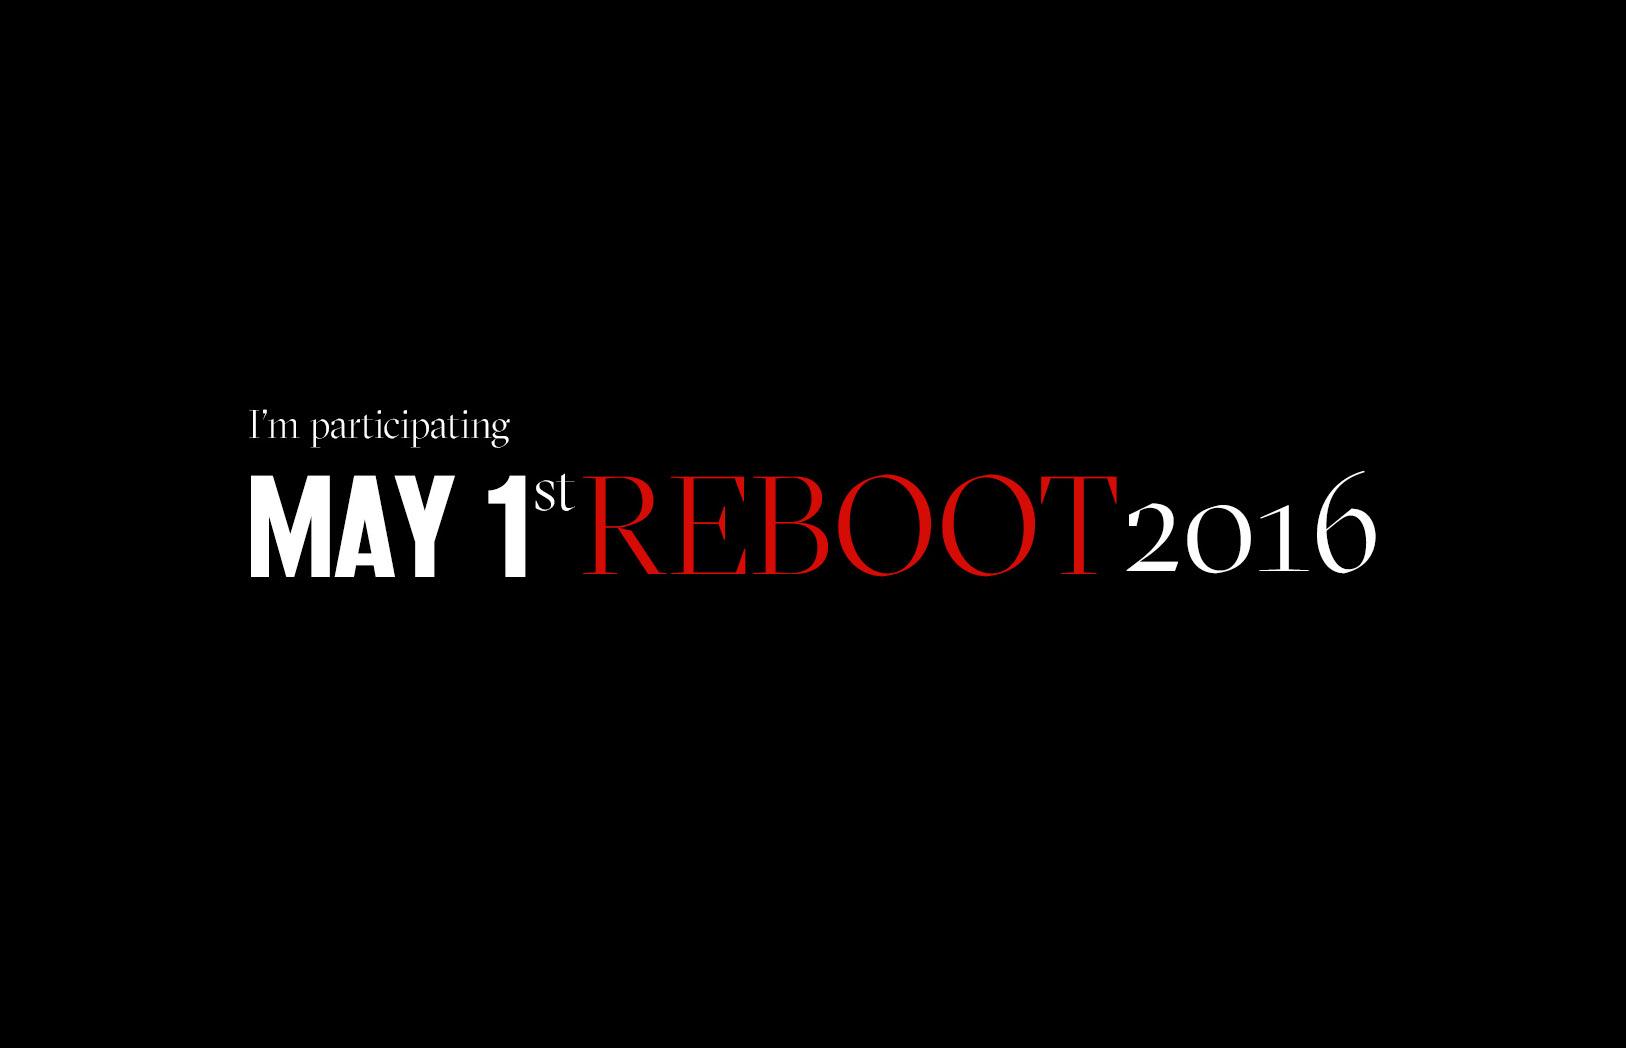 May1reboot_half